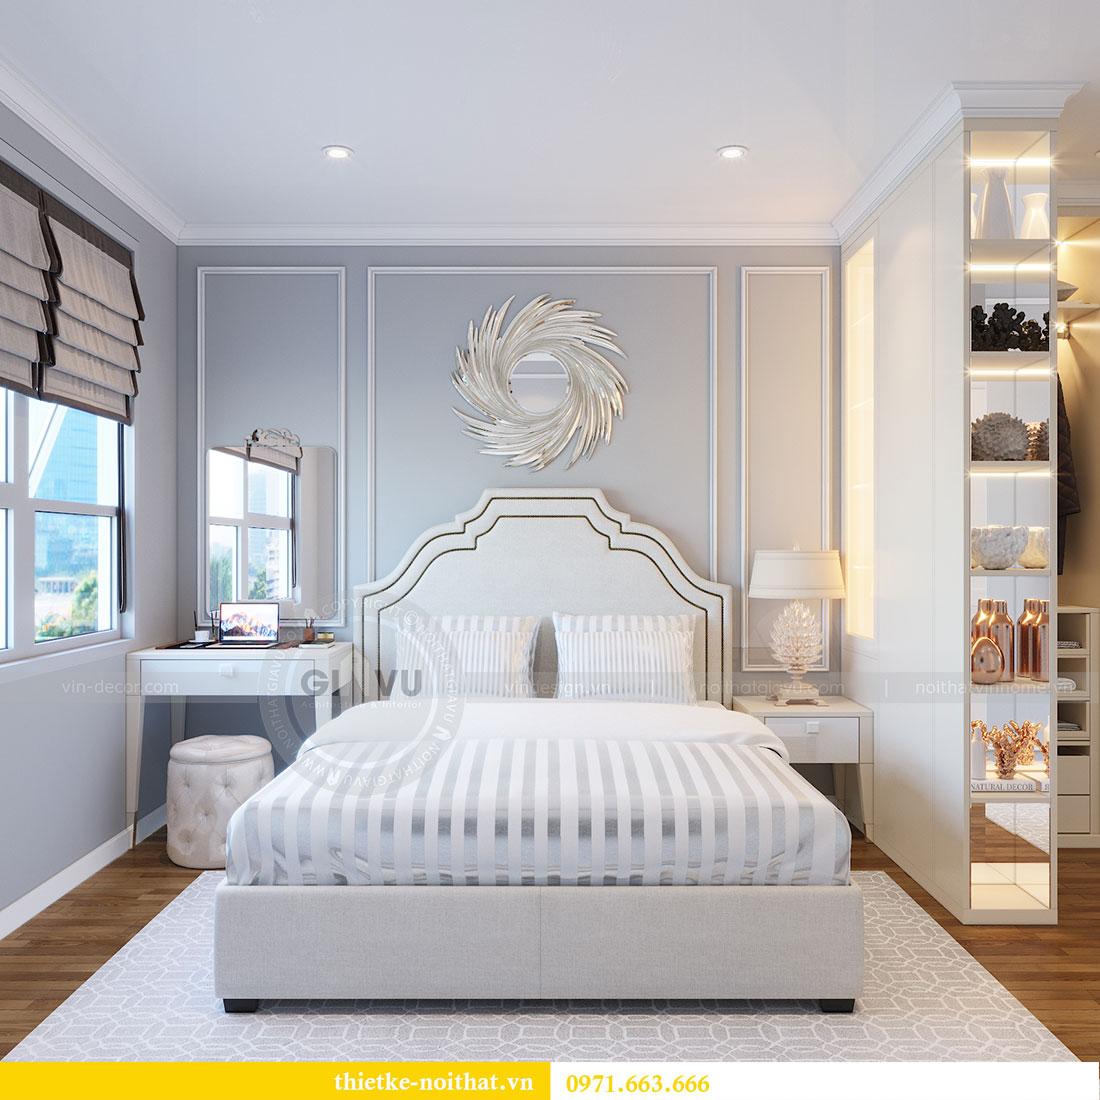 Thiết kế nội thất Dcapitale tòa C7 căn 05 phong cách hiện đại - chị Hà 6